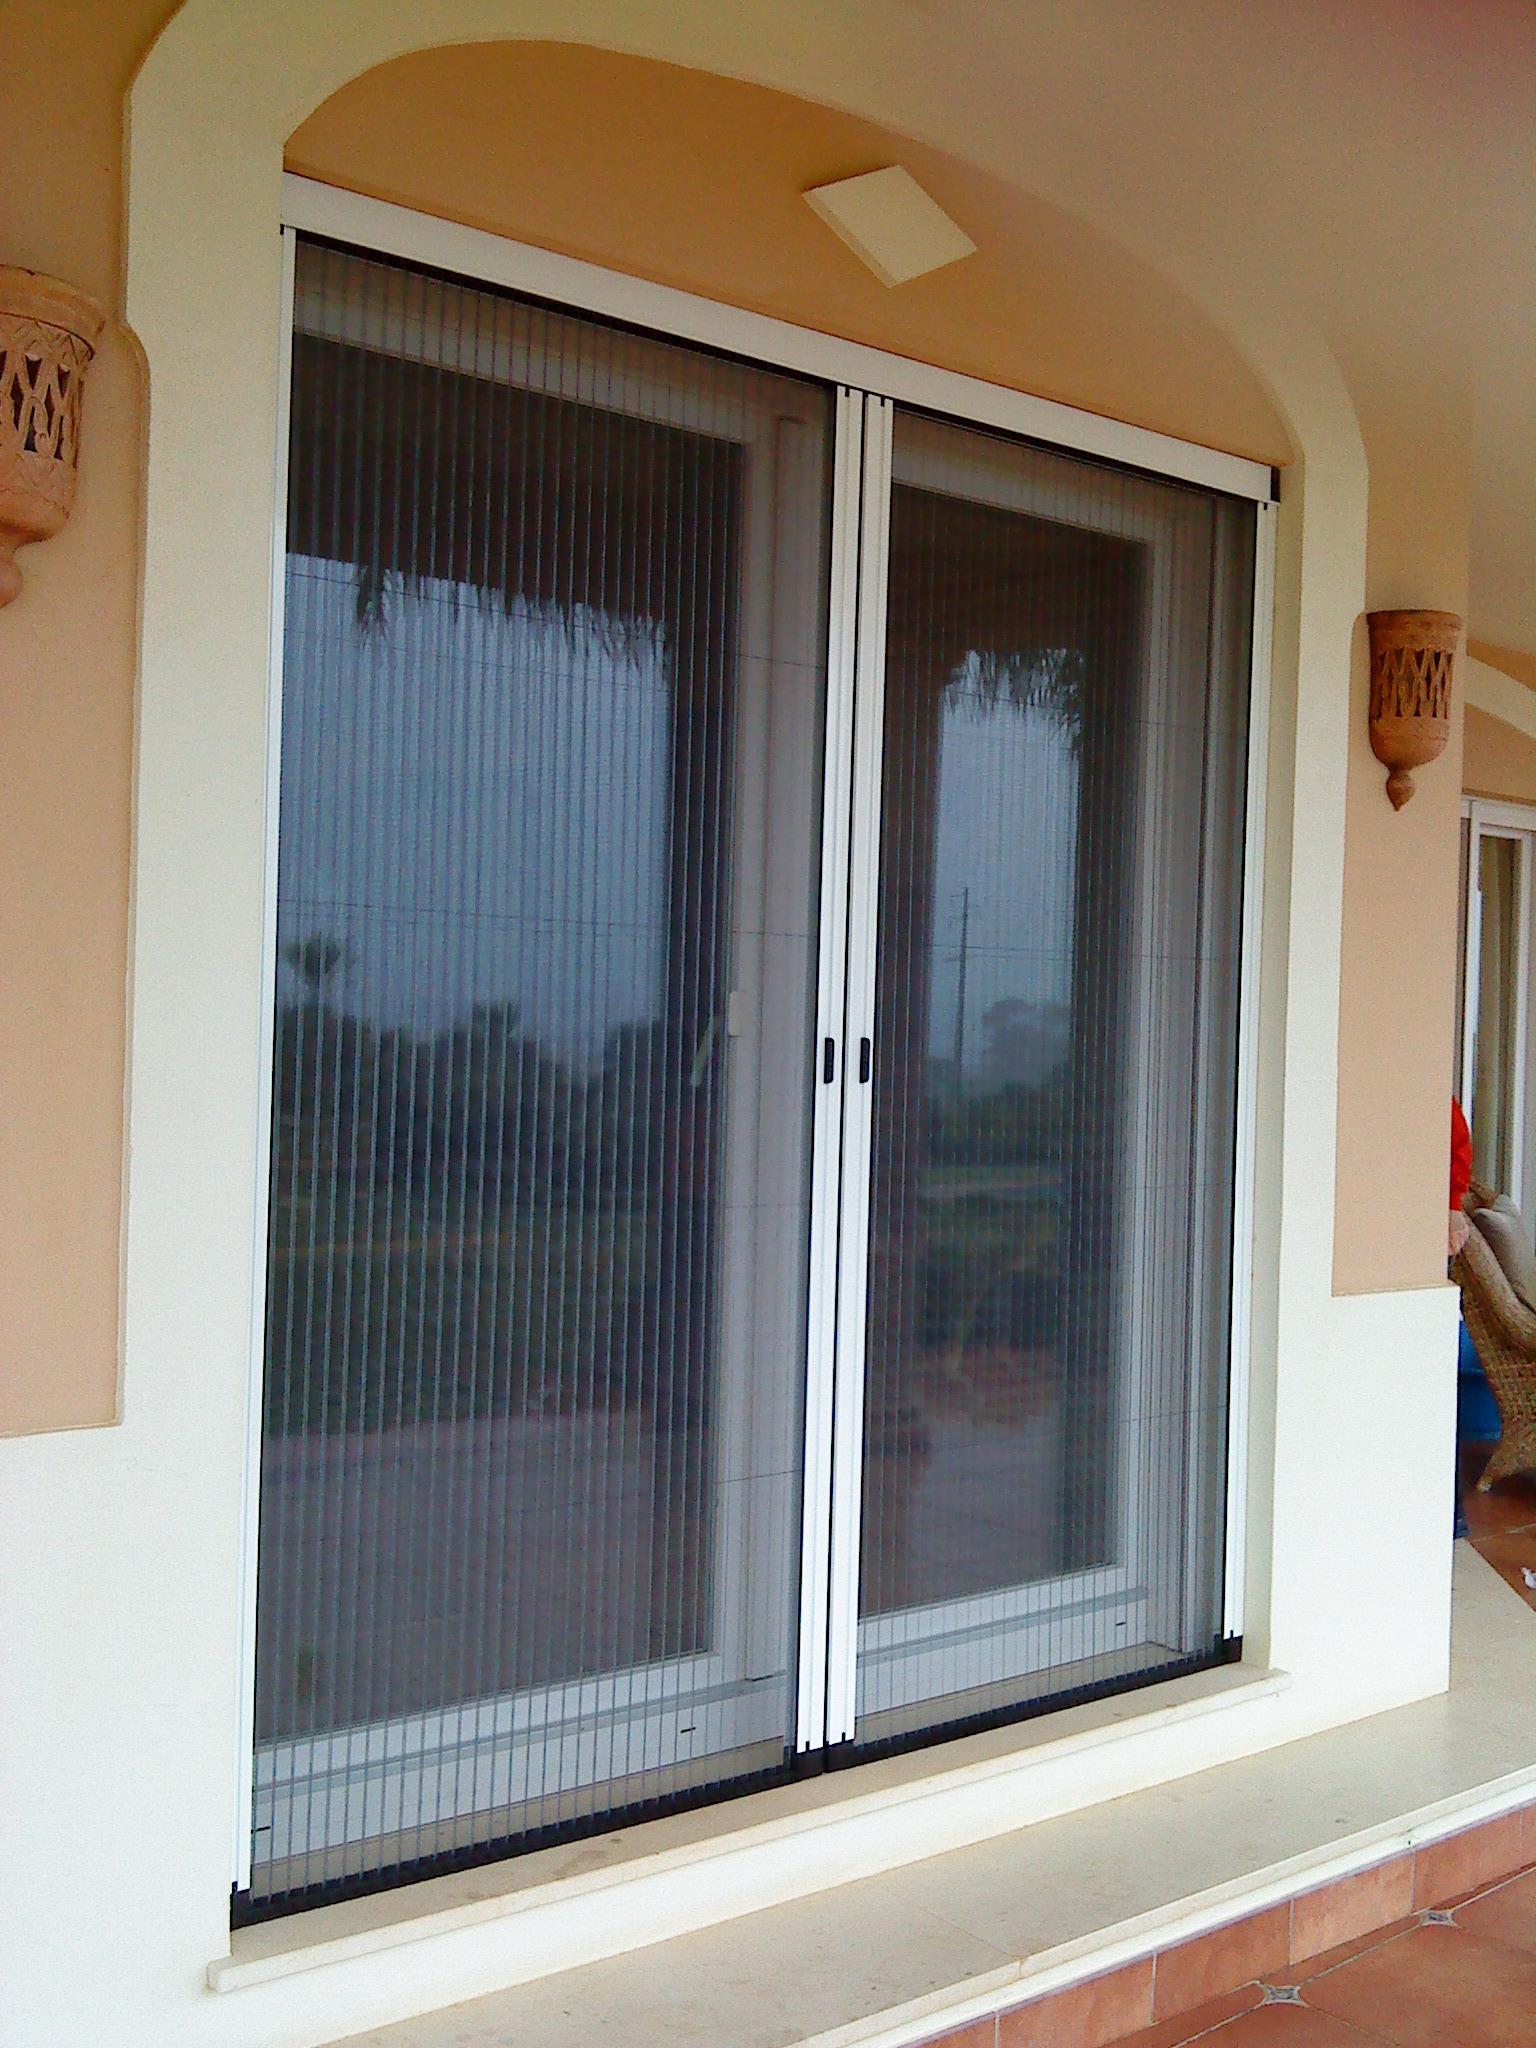 Sliding glass door screen protector for Sliding glass door screen